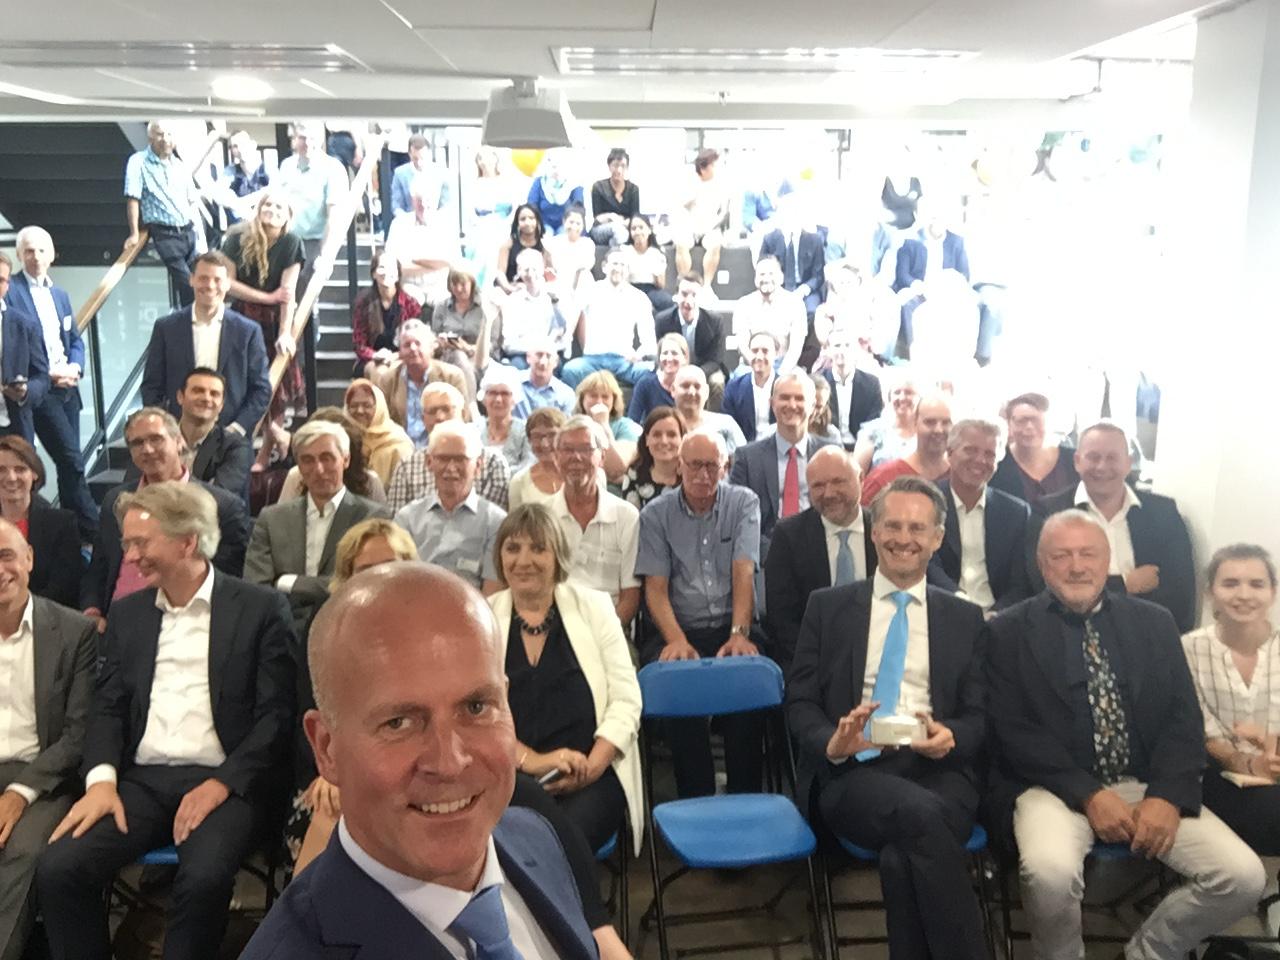 Staatssecretaris Knops maakt selfie na lancering Agenda Digitale Overheid.